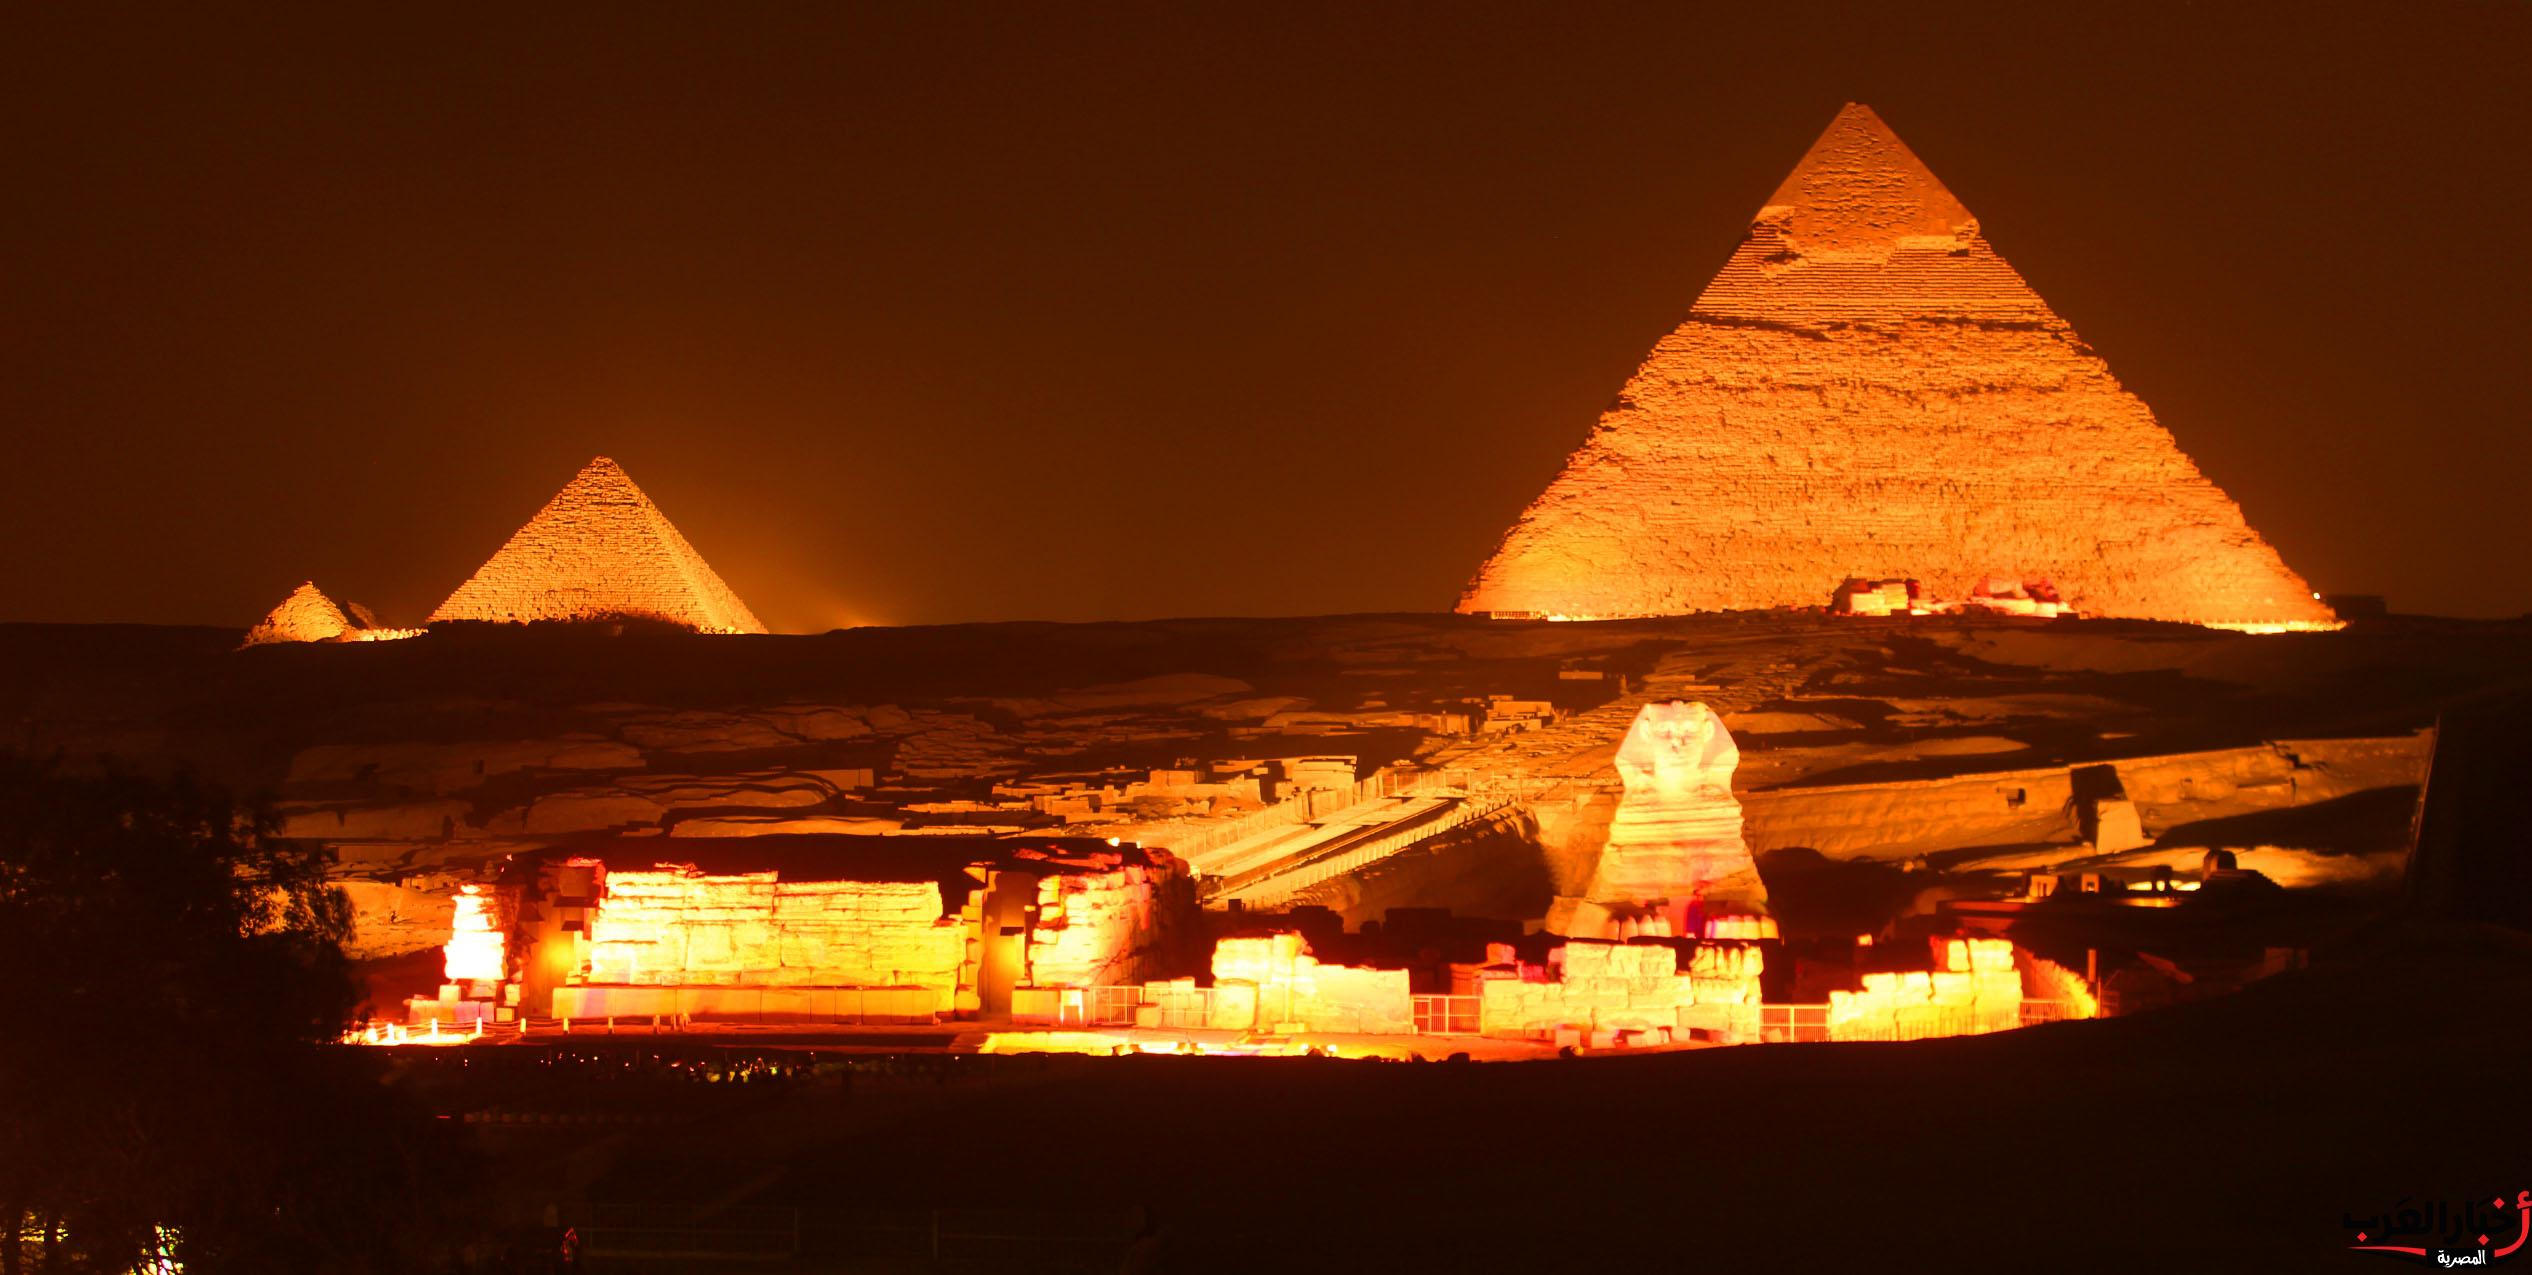 صورة اهرامات مصر تحمي روسيا من الهجوم الصاروخي